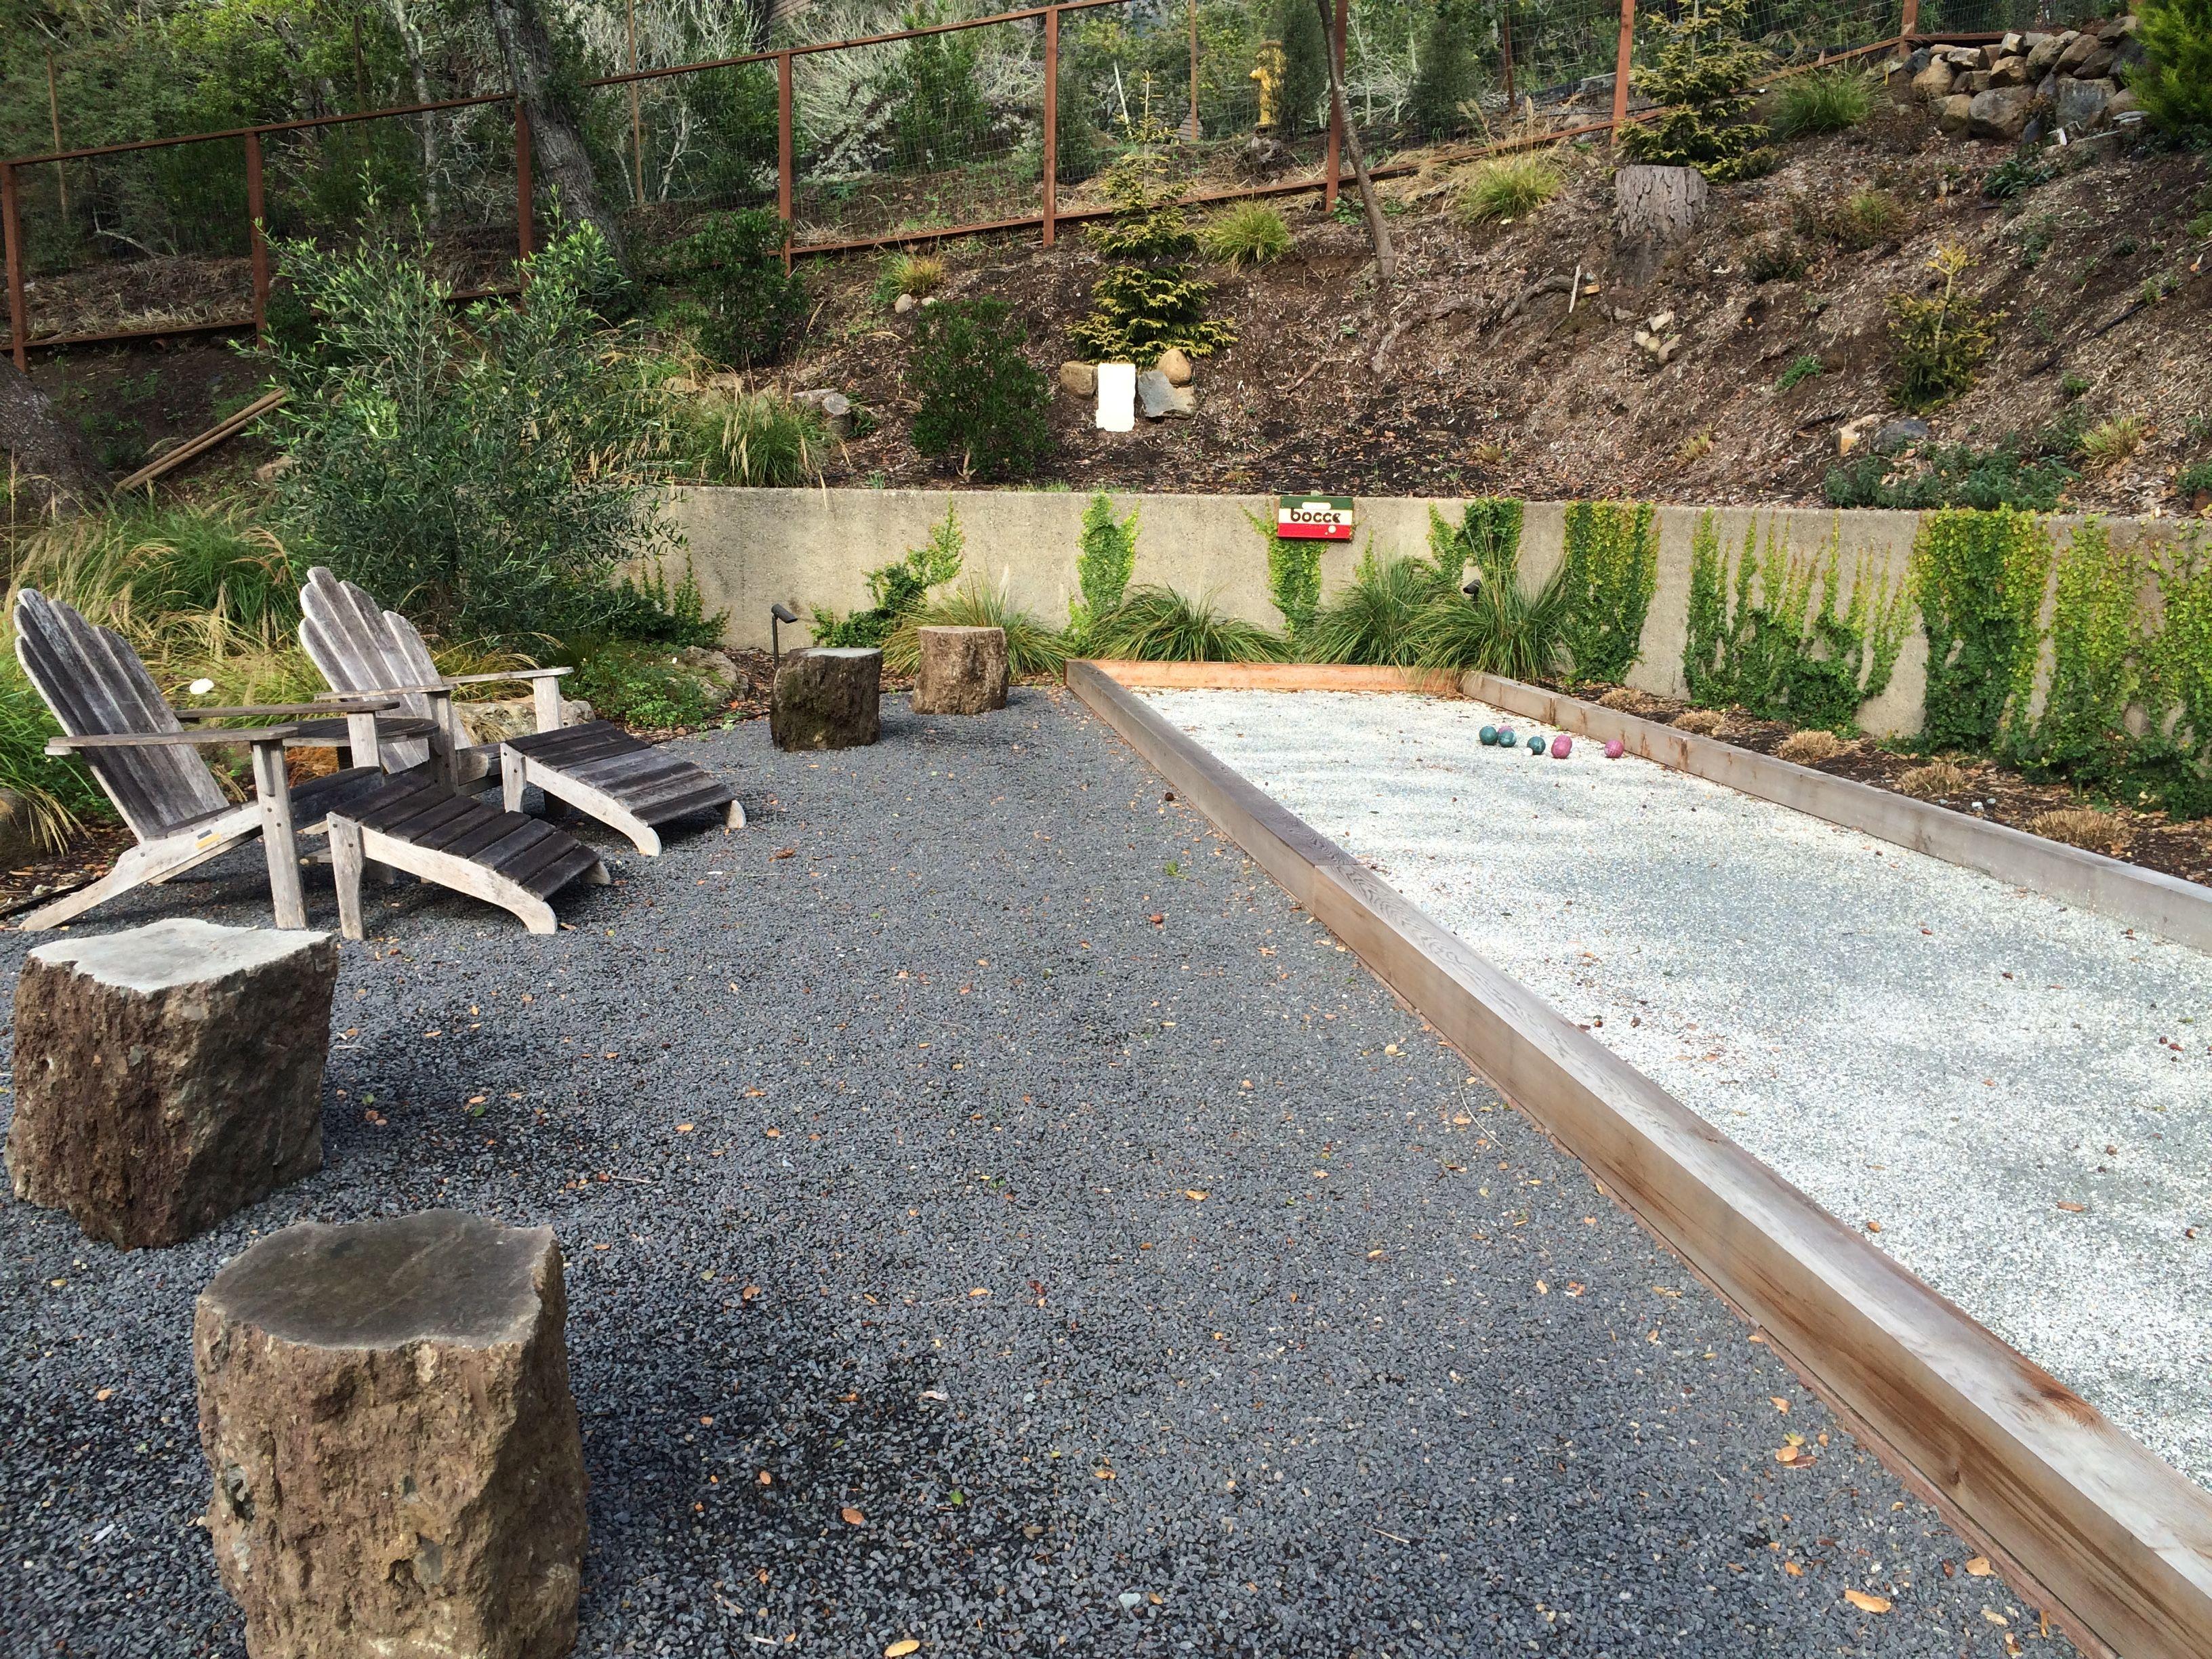 Black Basalt Gravel For Hot Tub Level Option Instead Of Pea